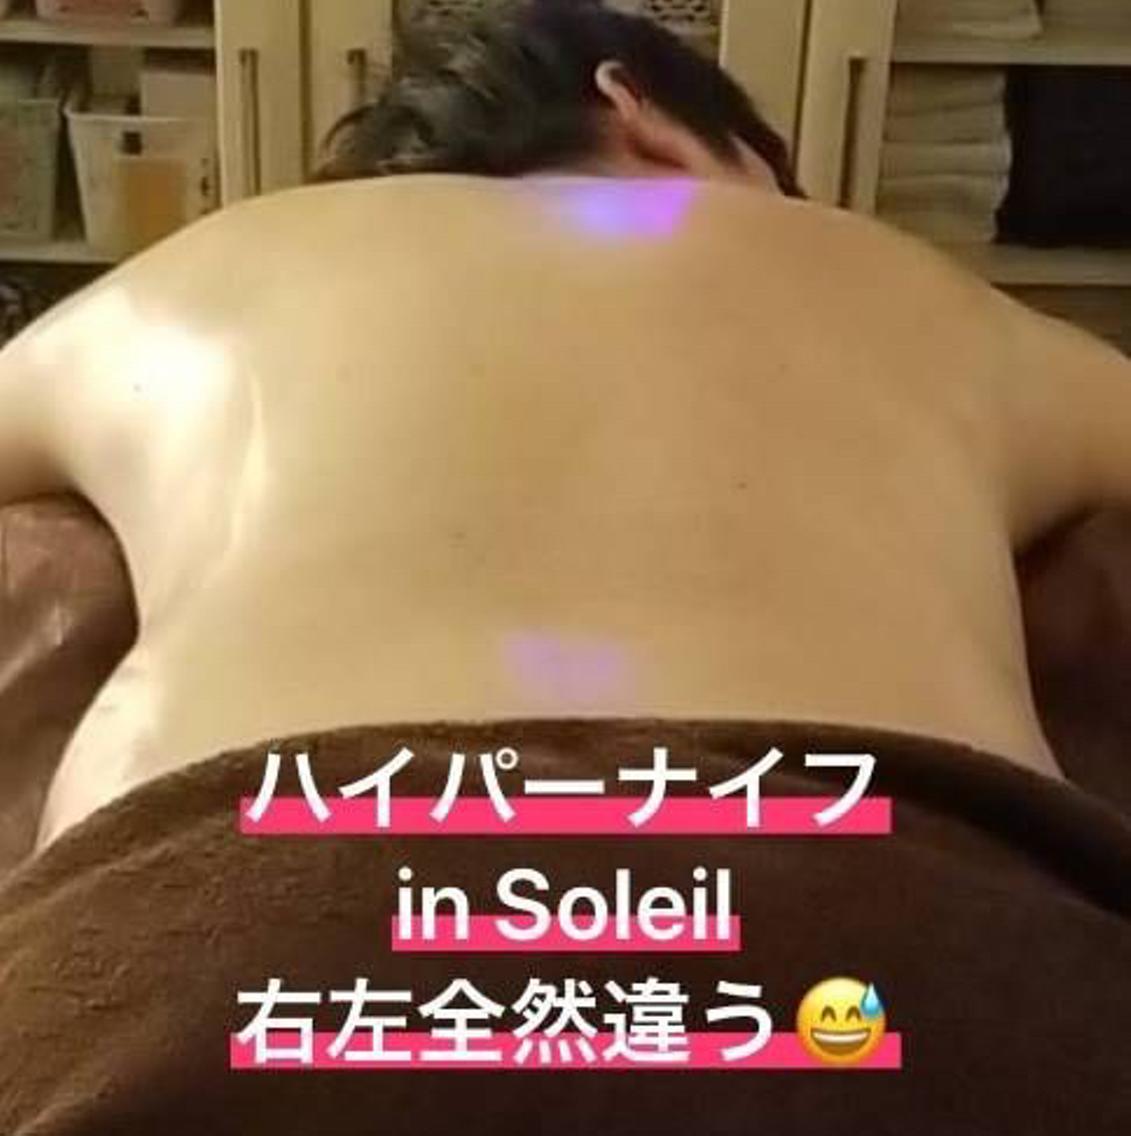 エステ&ネイルサロン ソレイユ所属・尾登俊哉の掲載